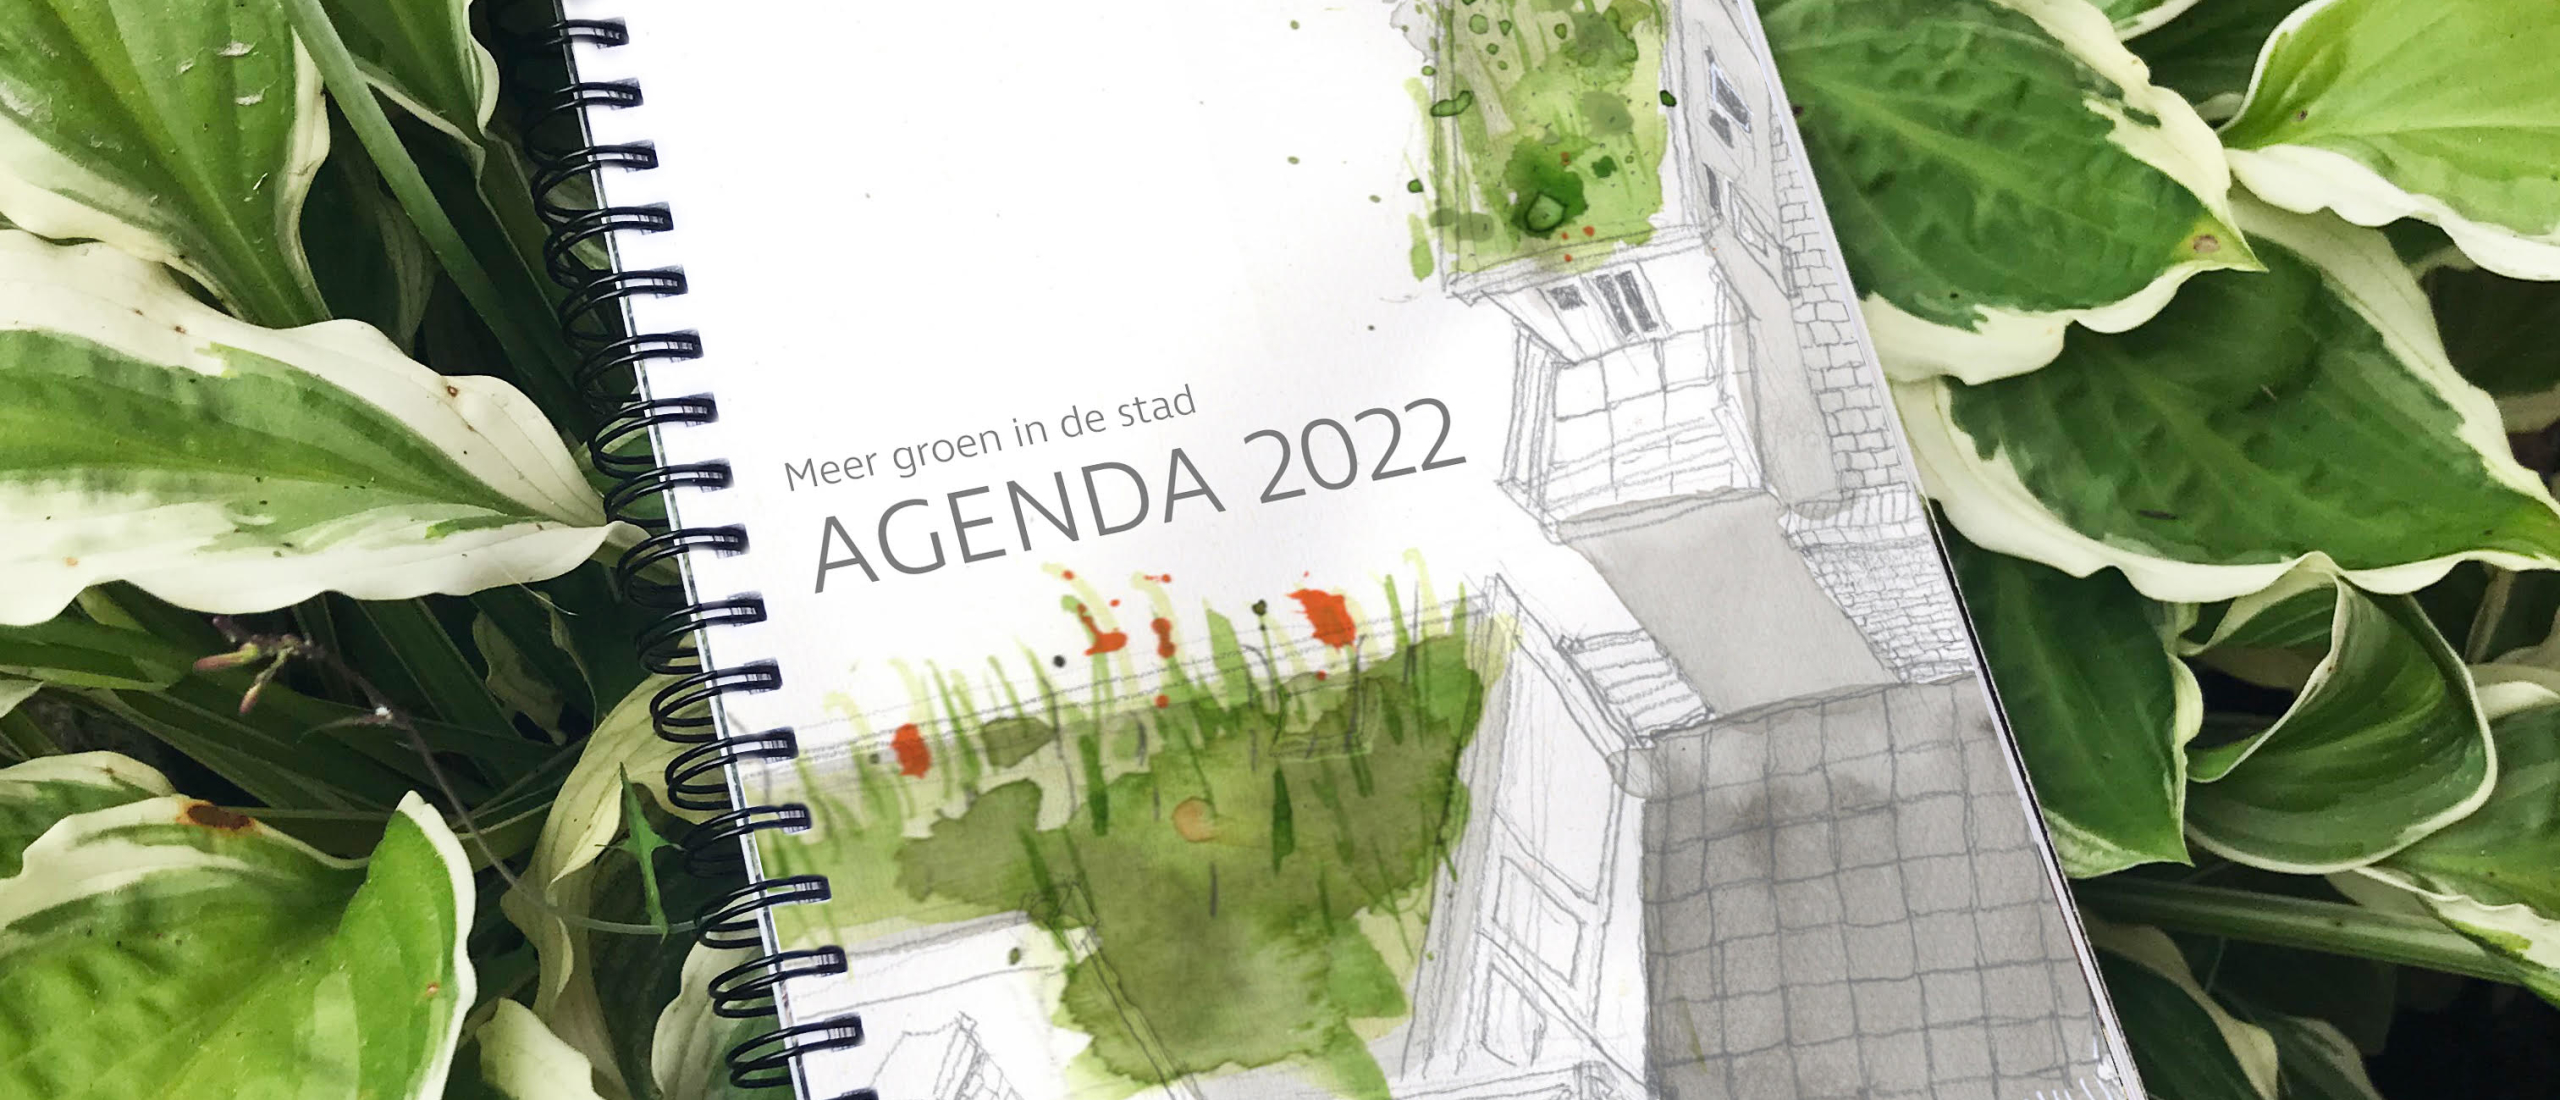 Nieuw: Meer groen in de stad agenda 2022